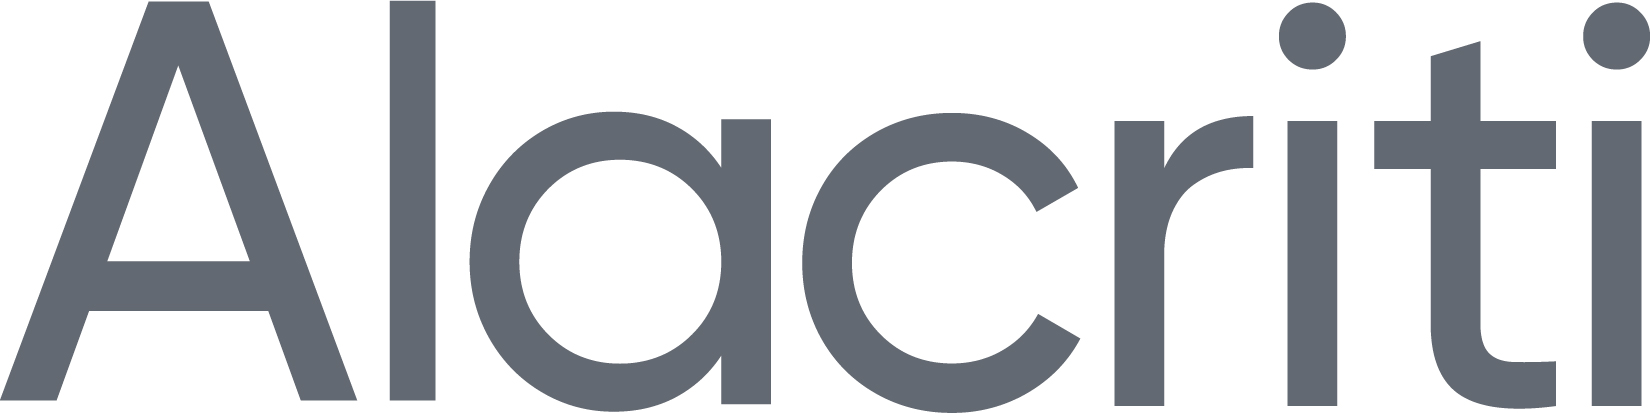 Alacriti (TEMP LOGO).jpg